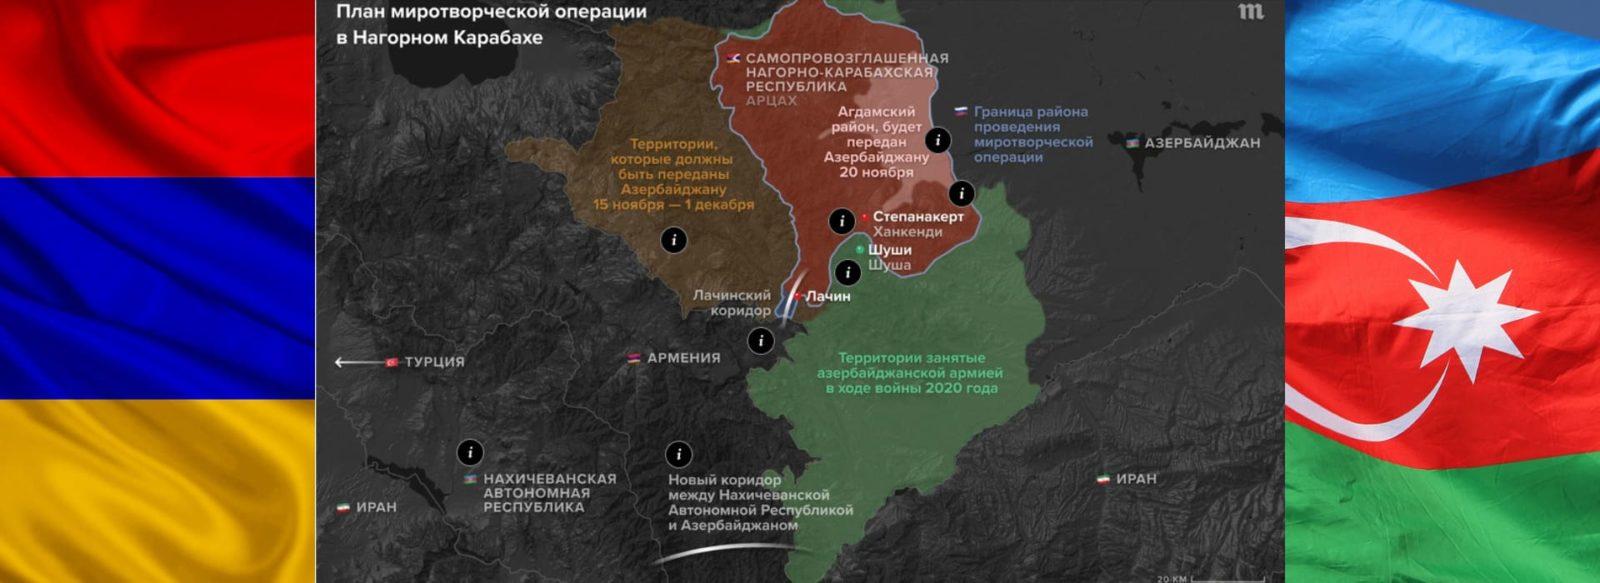 карта нагорного карабаха после войны 2020